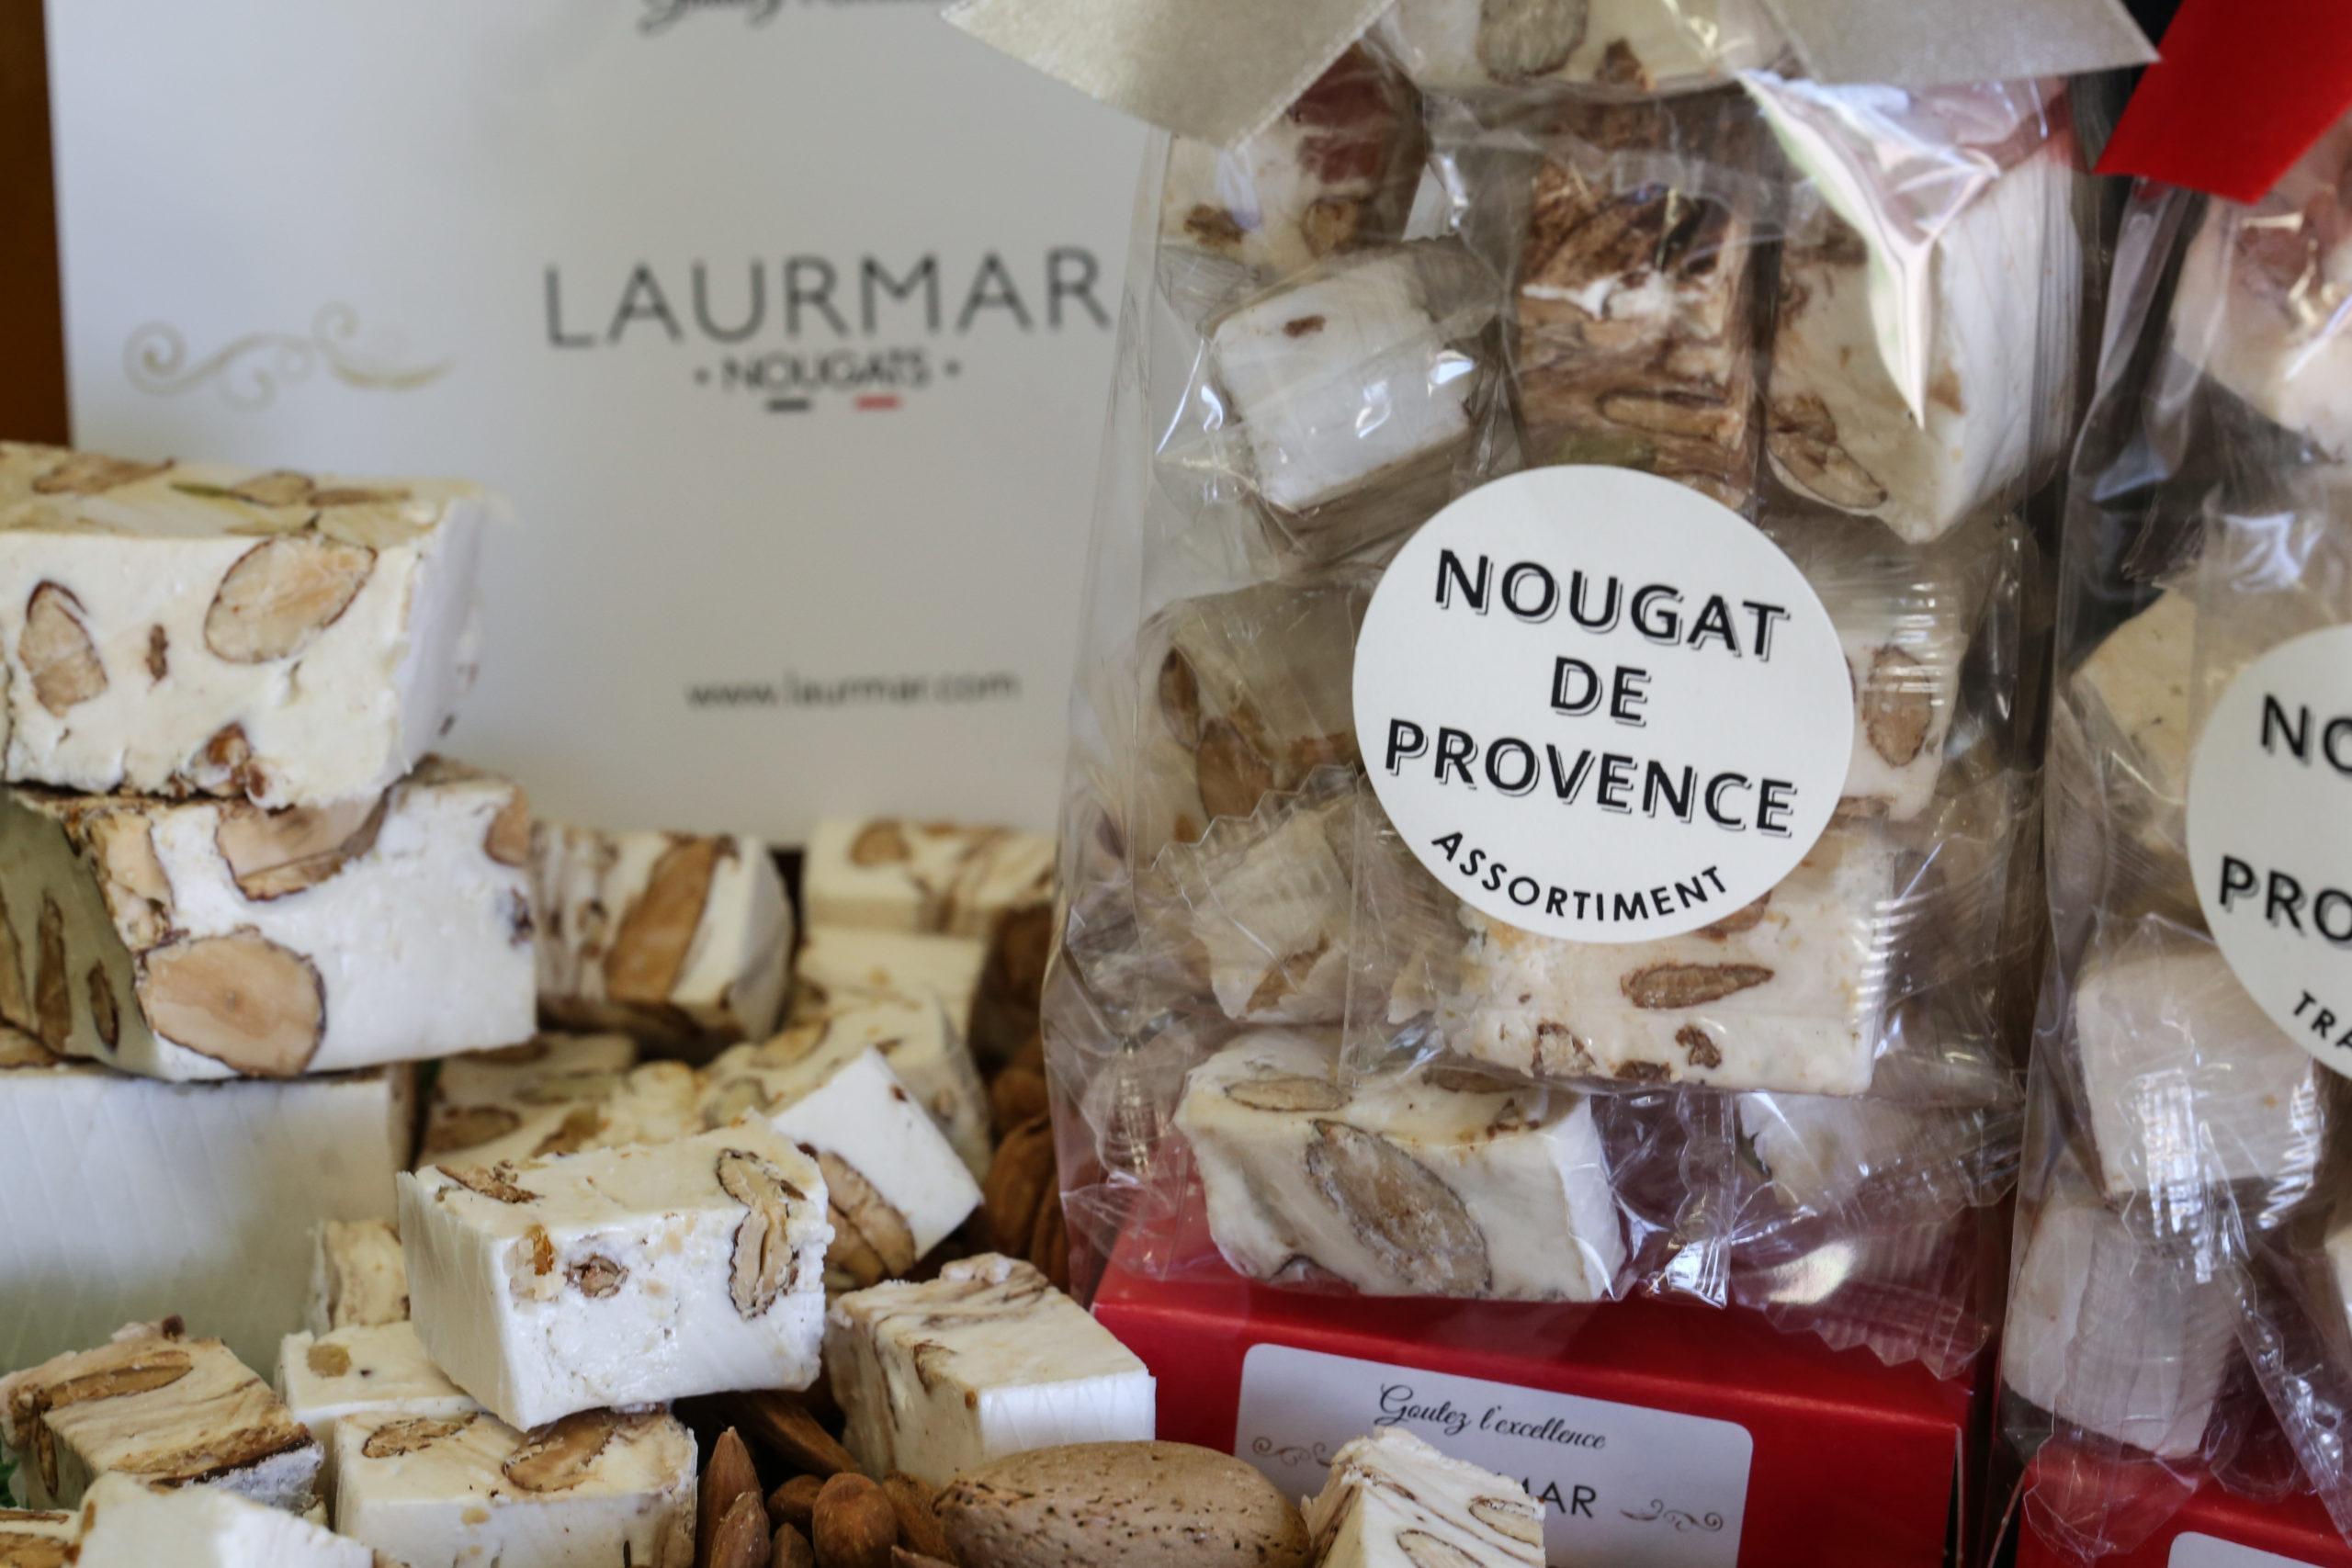 Nougat blanc tendre en domino. Nougat traditionnel et provençal - sachet de Nougat de Provence et nougats au miel sur le côté